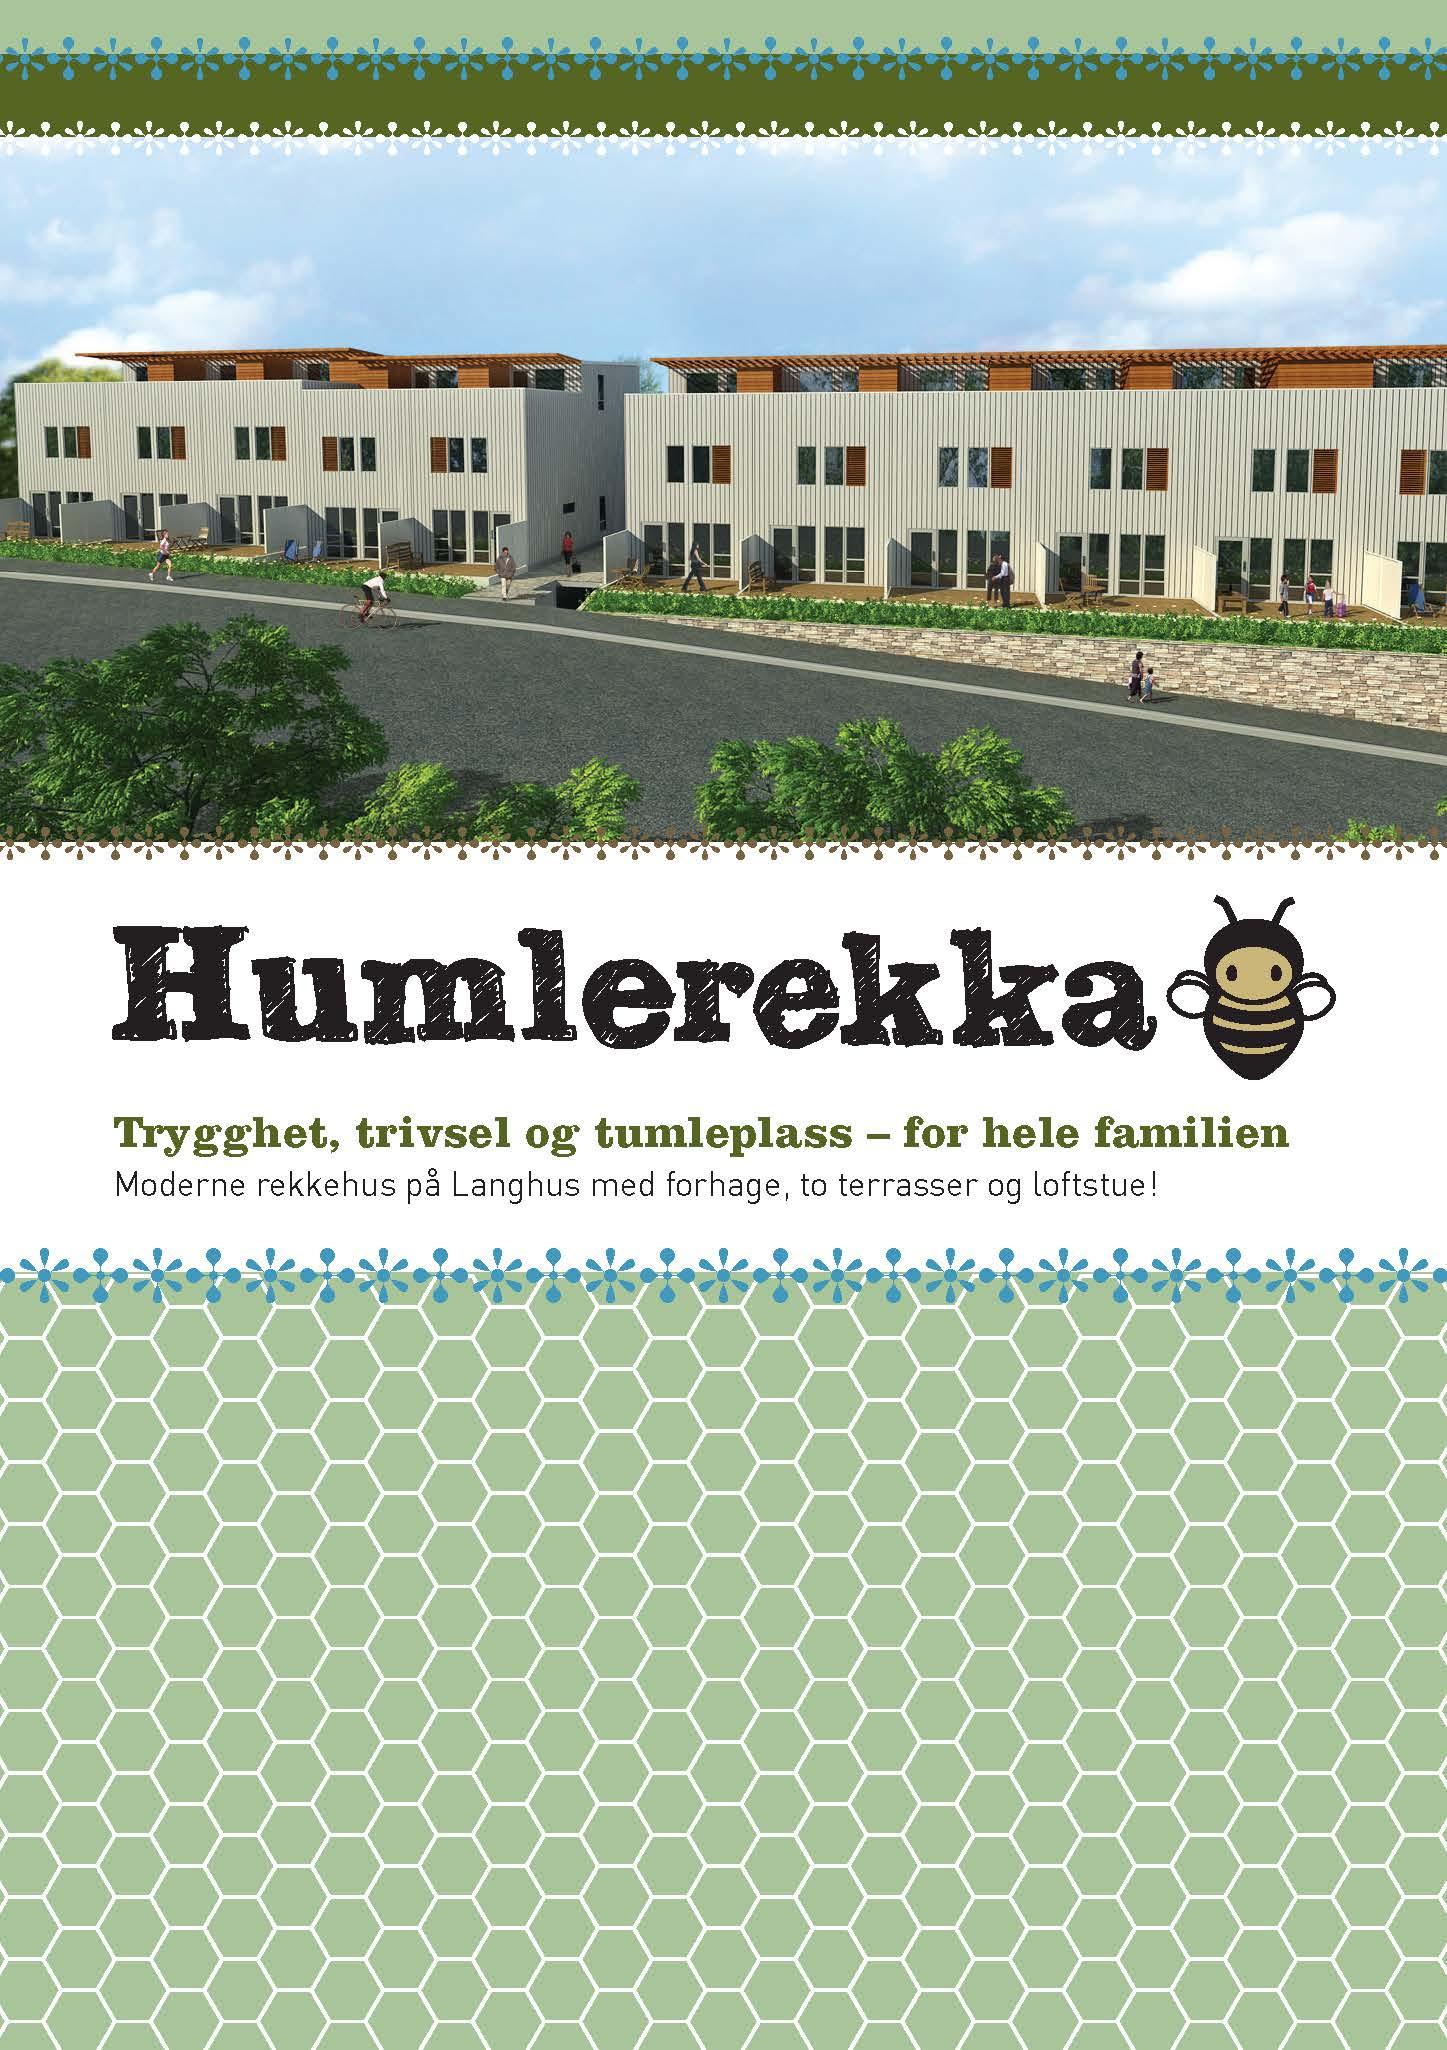 Langhus Eiendom / Humlerekka